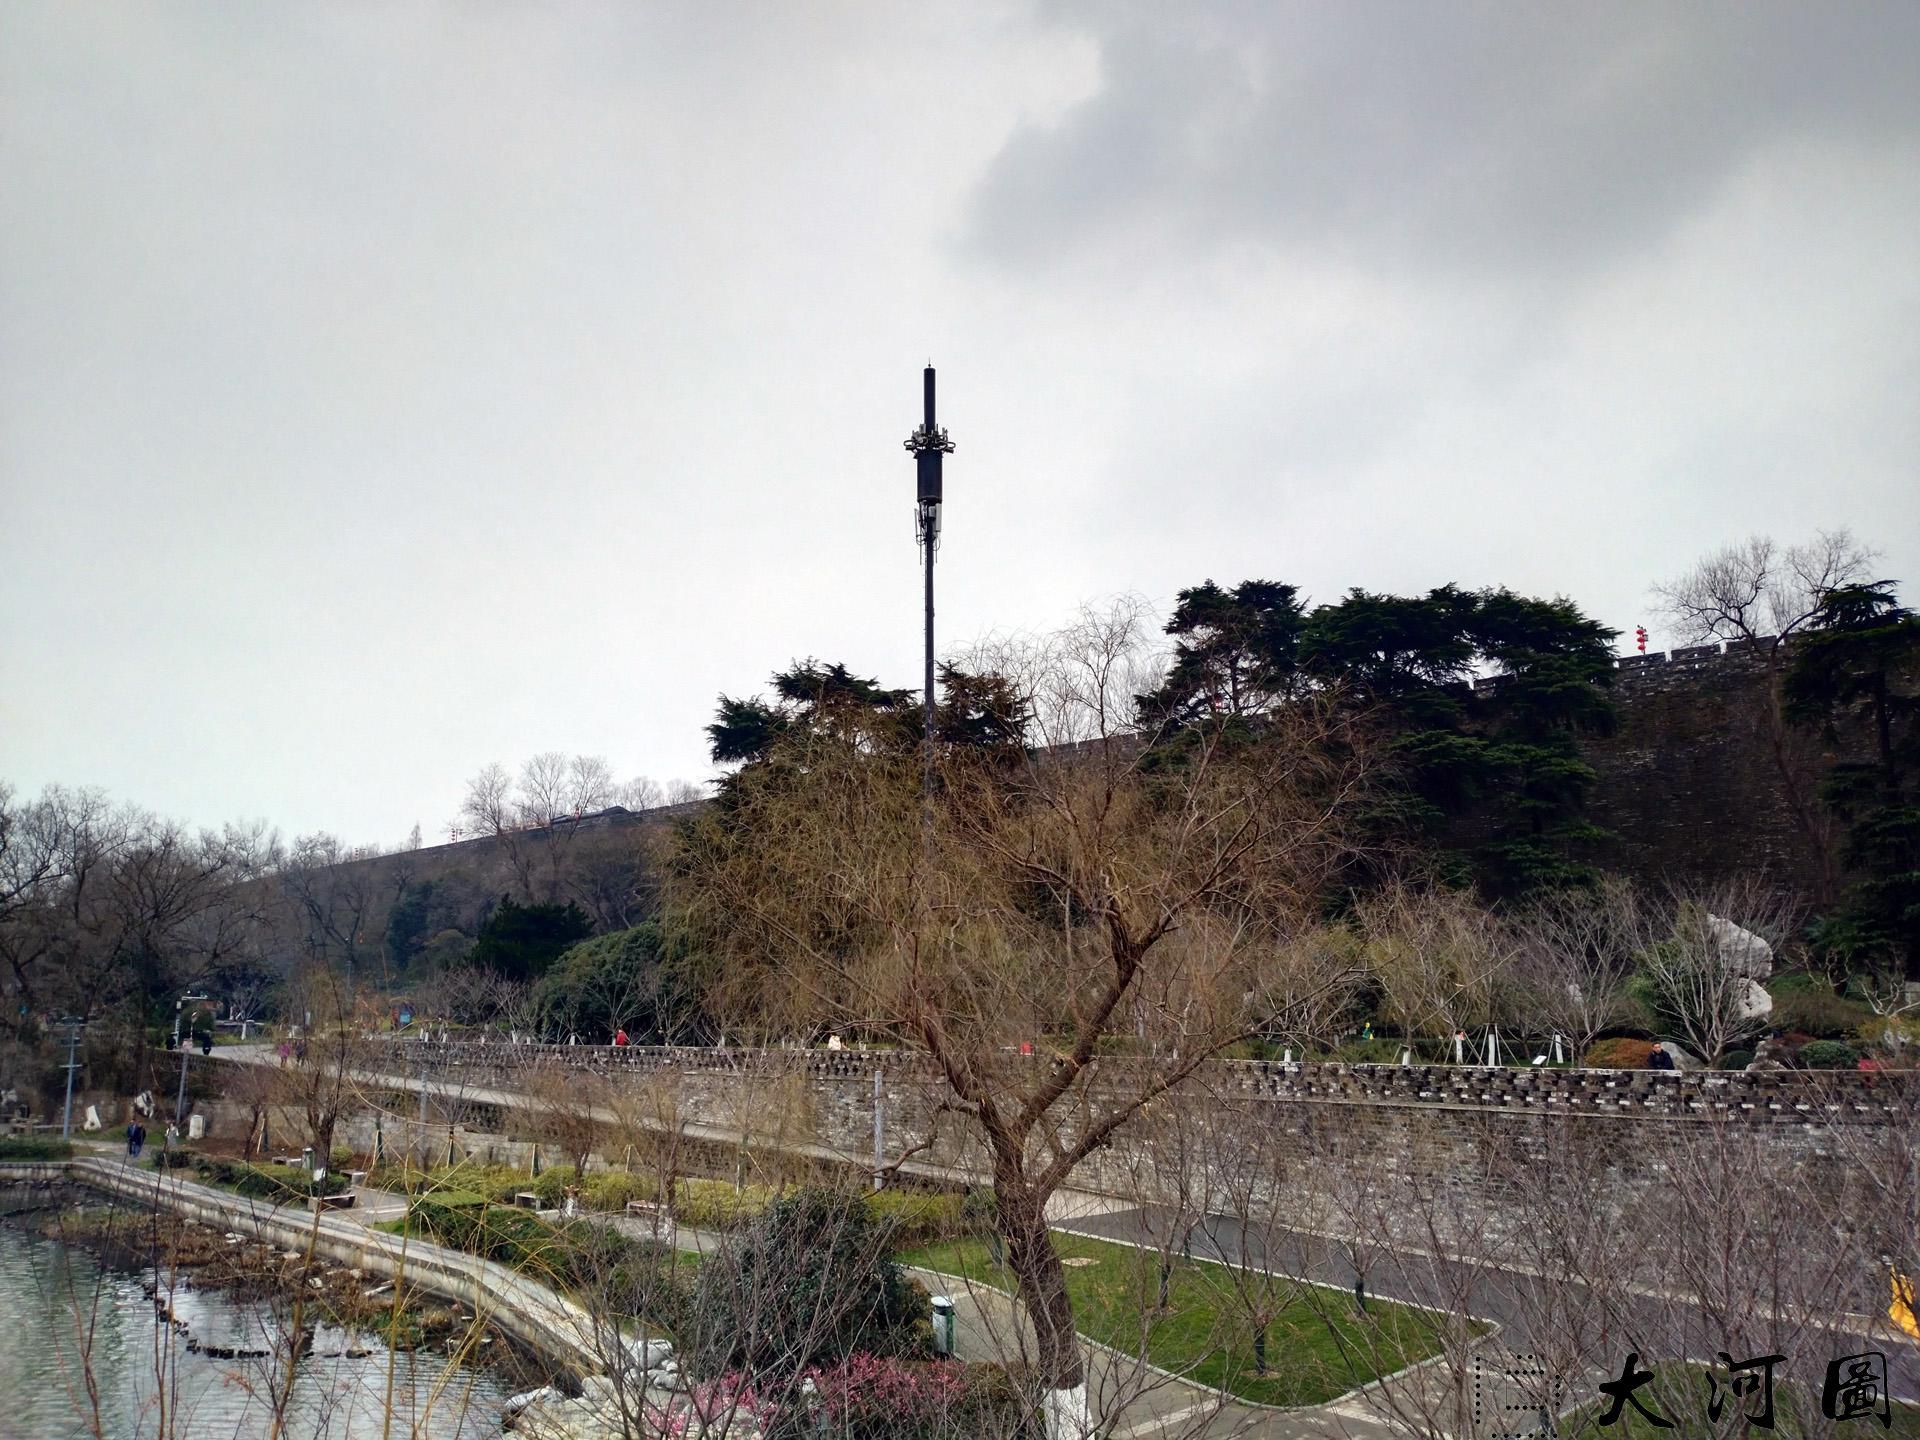 2019年3月的南京玄武湖公园之旅 摄影 第14张